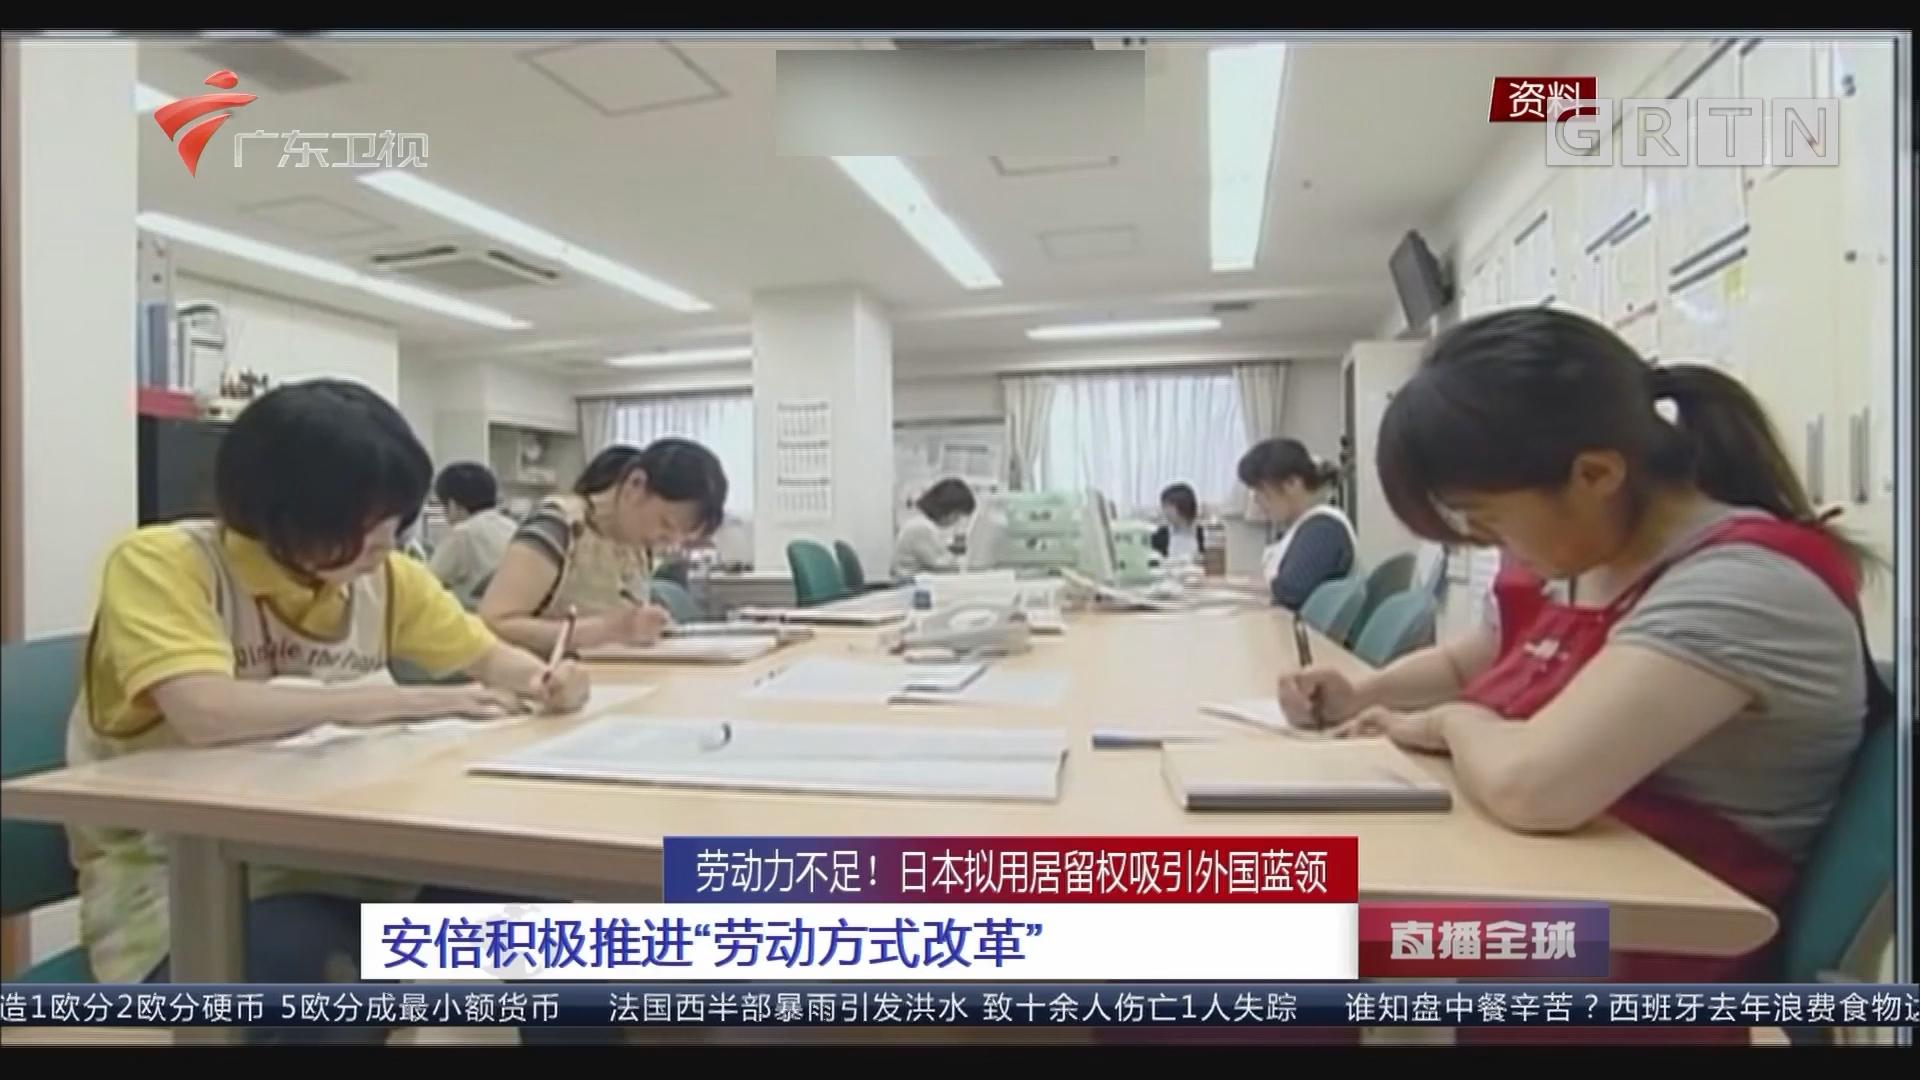 """劳动力不足! 日本拟用居留权吸引外国蓝领 安倍积极推进""""劳动方式改革"""""""